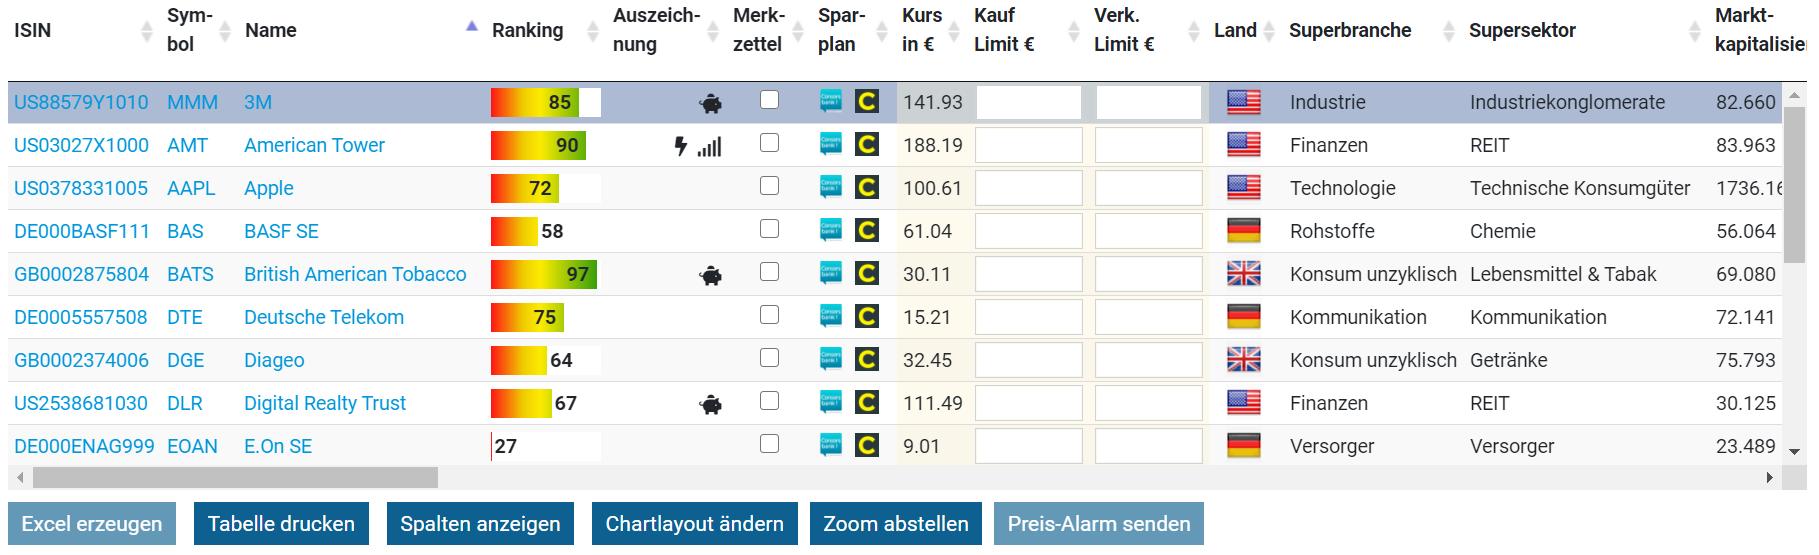 Aktiensuche Aktienfinder Tabelle Aktienfinder.net